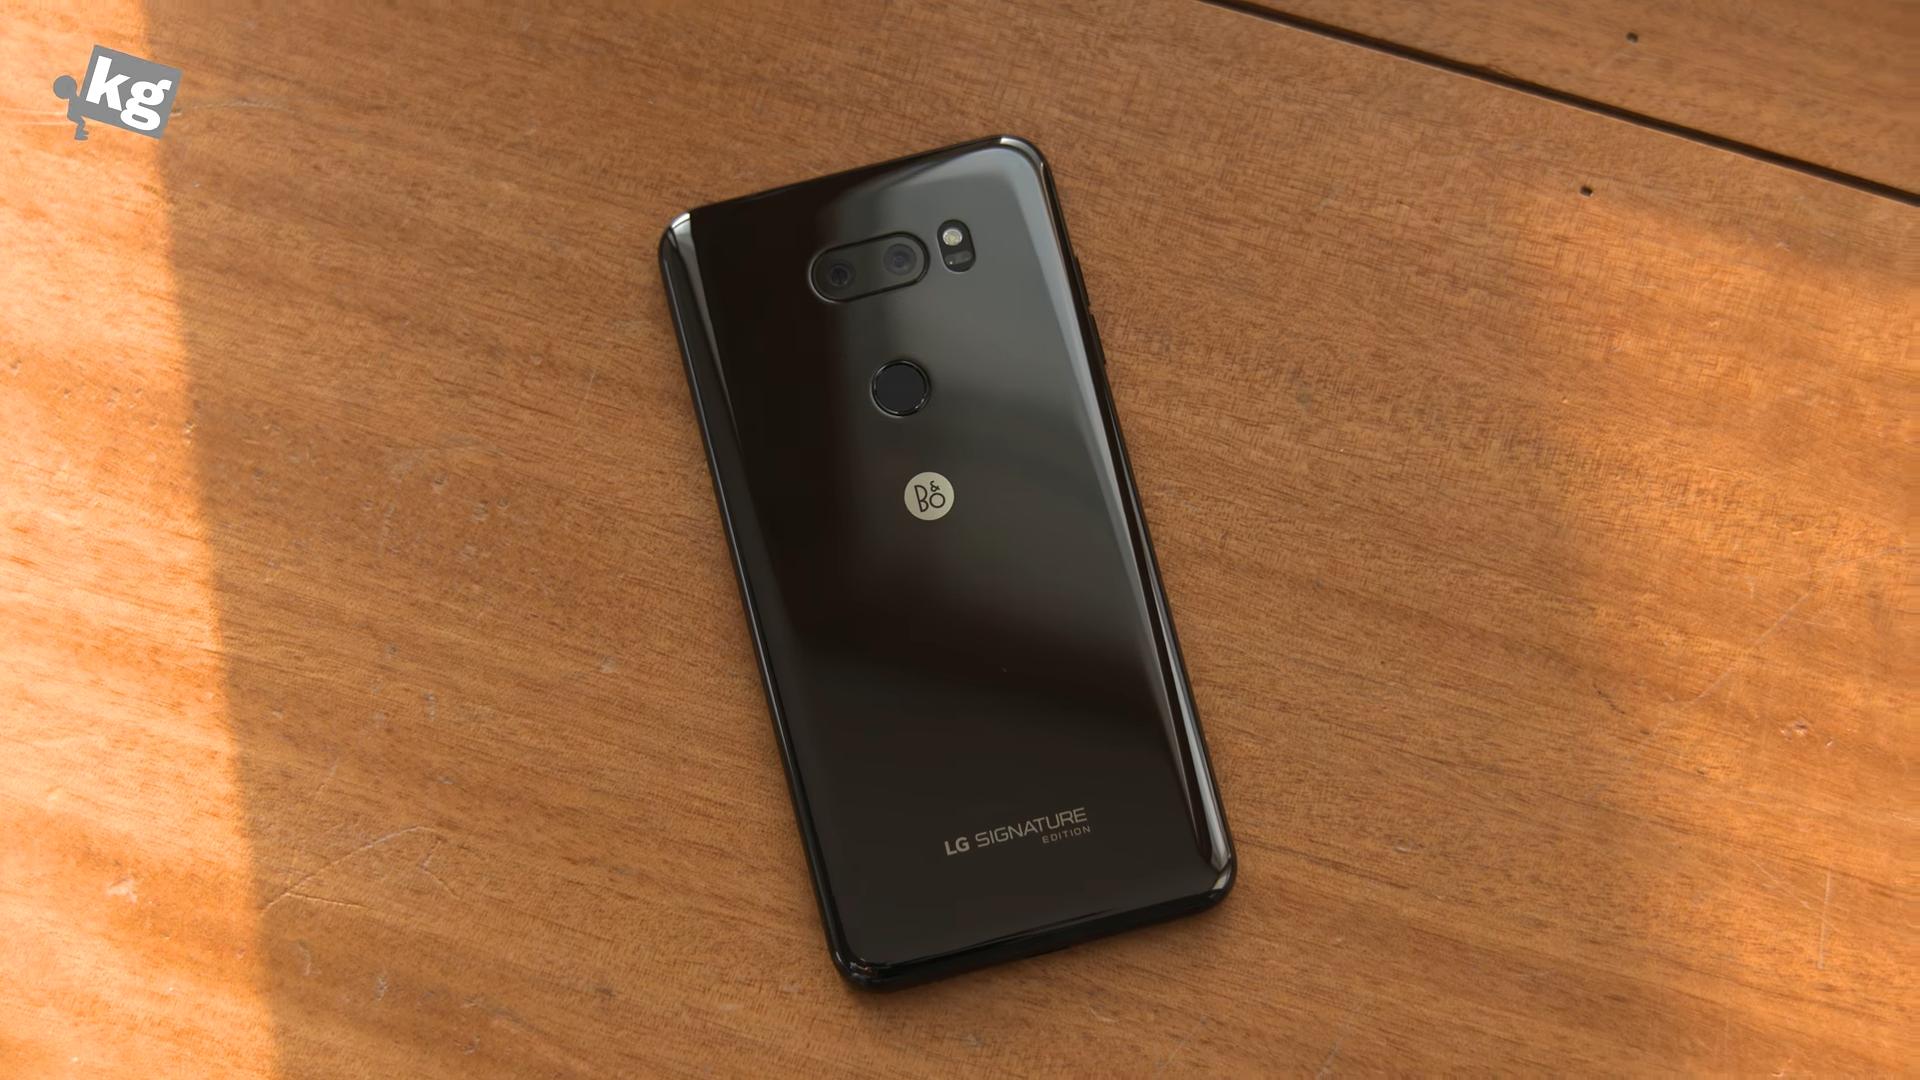 Sforum - Trang thông tin công nghệ mới nhất 2018-01-12_182618 Mở hộp V30 Signature Edition: Smartphone giá 2000 USD của LG